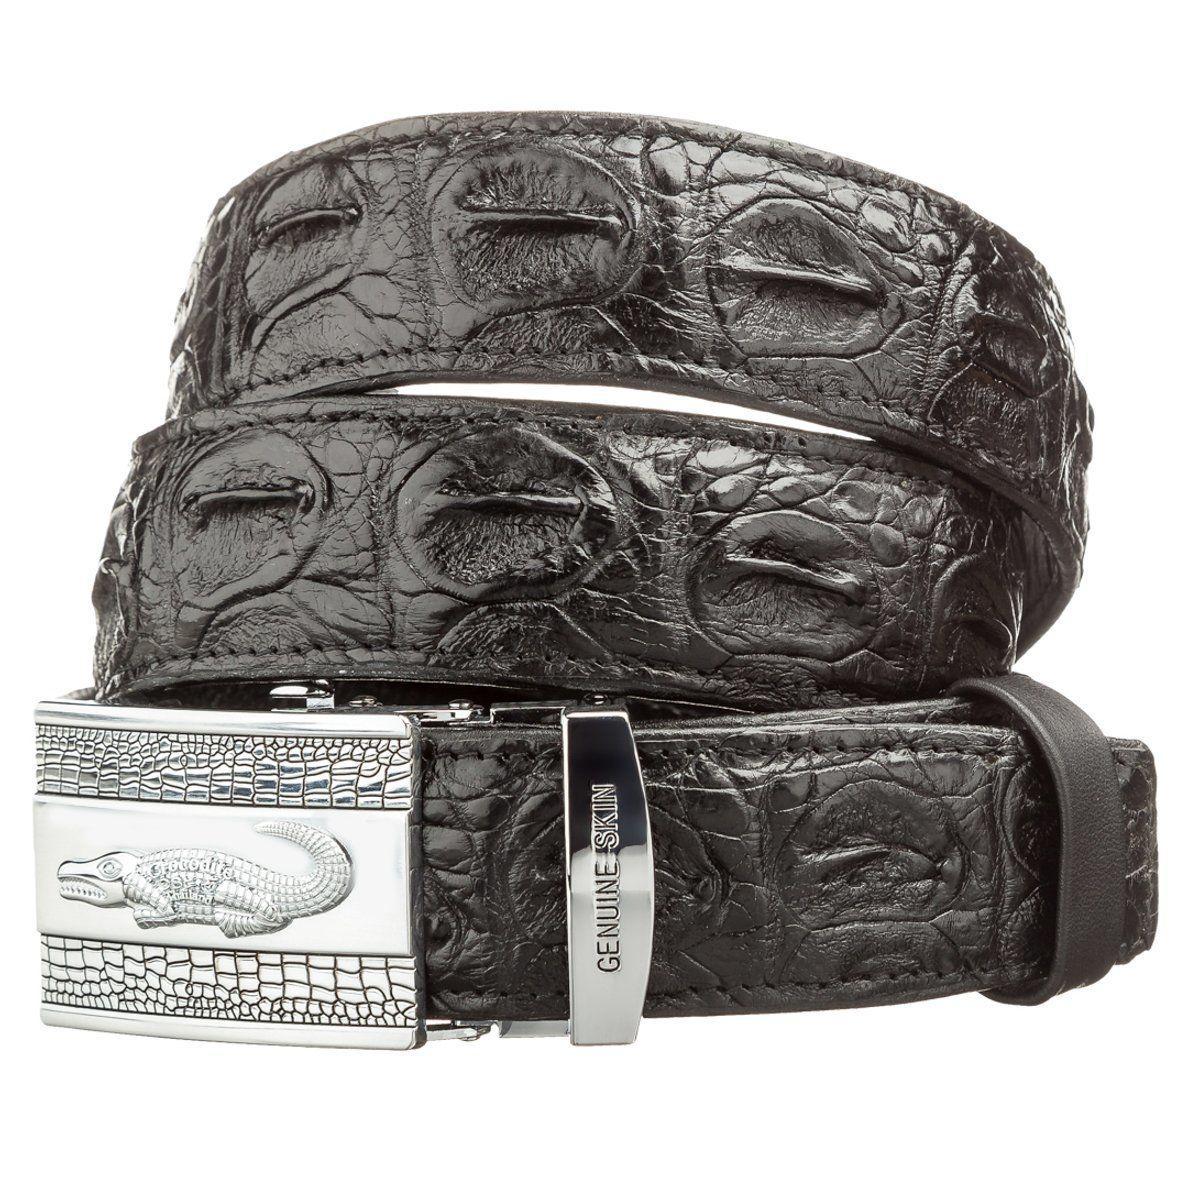 Ремень автоматический CROCODILE LEATHER 18605 из натуральной кожи крокодила Черный, Черный